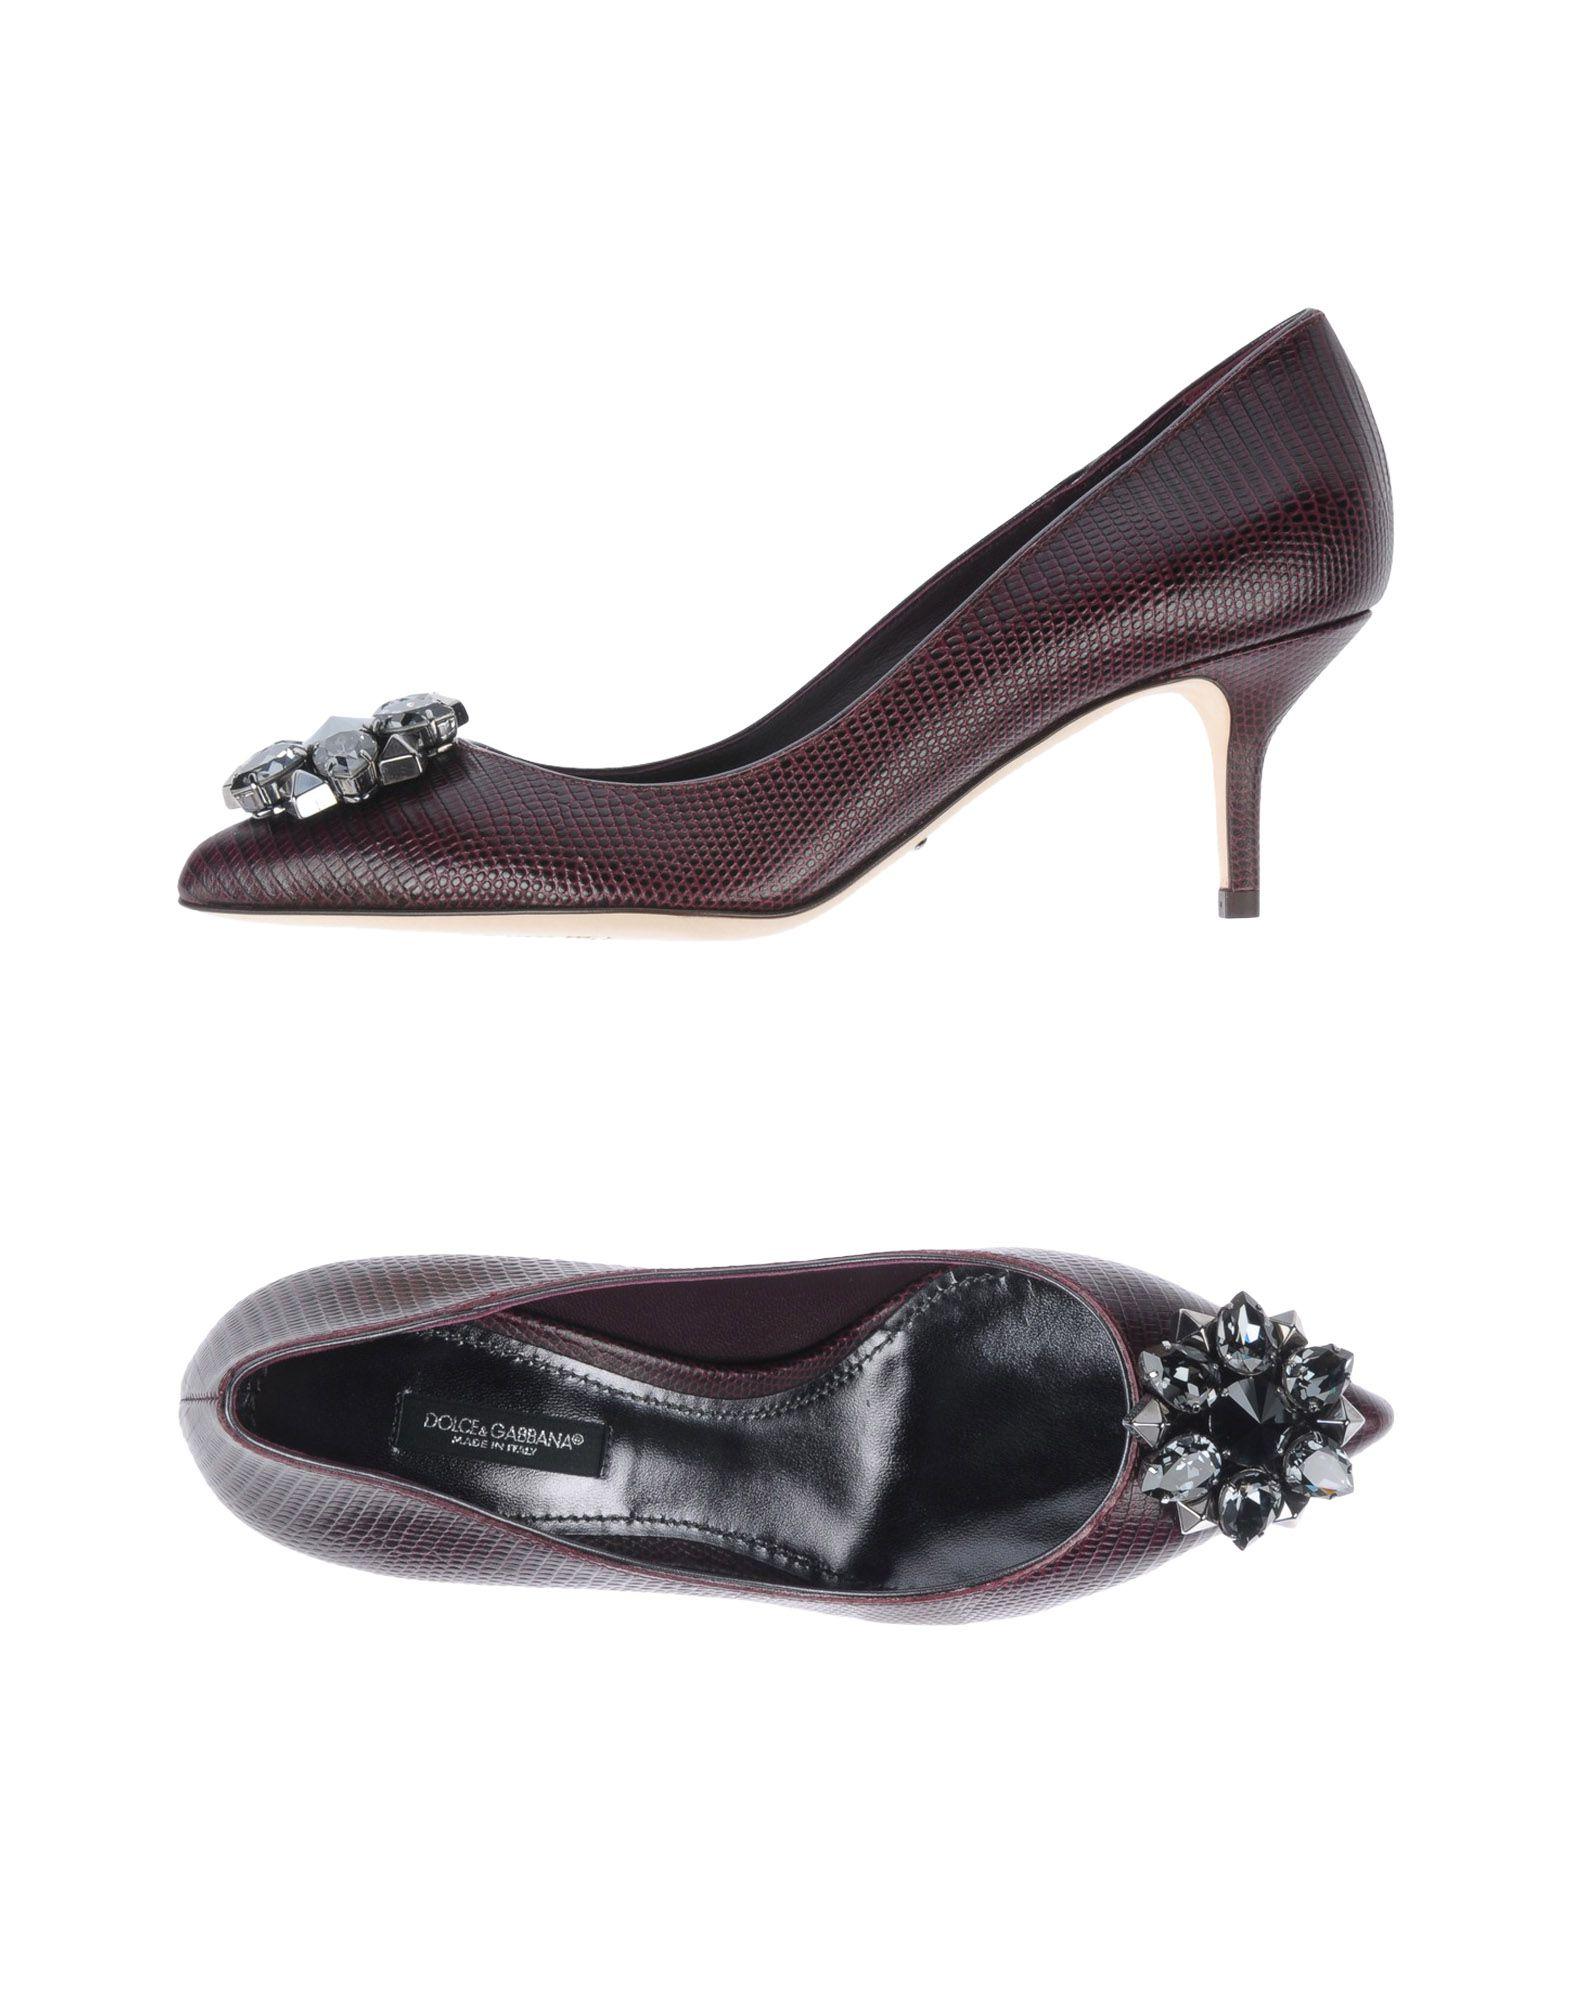 Zapatos de mujer mujer baratos zapatos de mujer de Zapato De Salón Dolce & Gabbana Mujer - Salones Dolce & Gabbana  Berenjena 8610b9